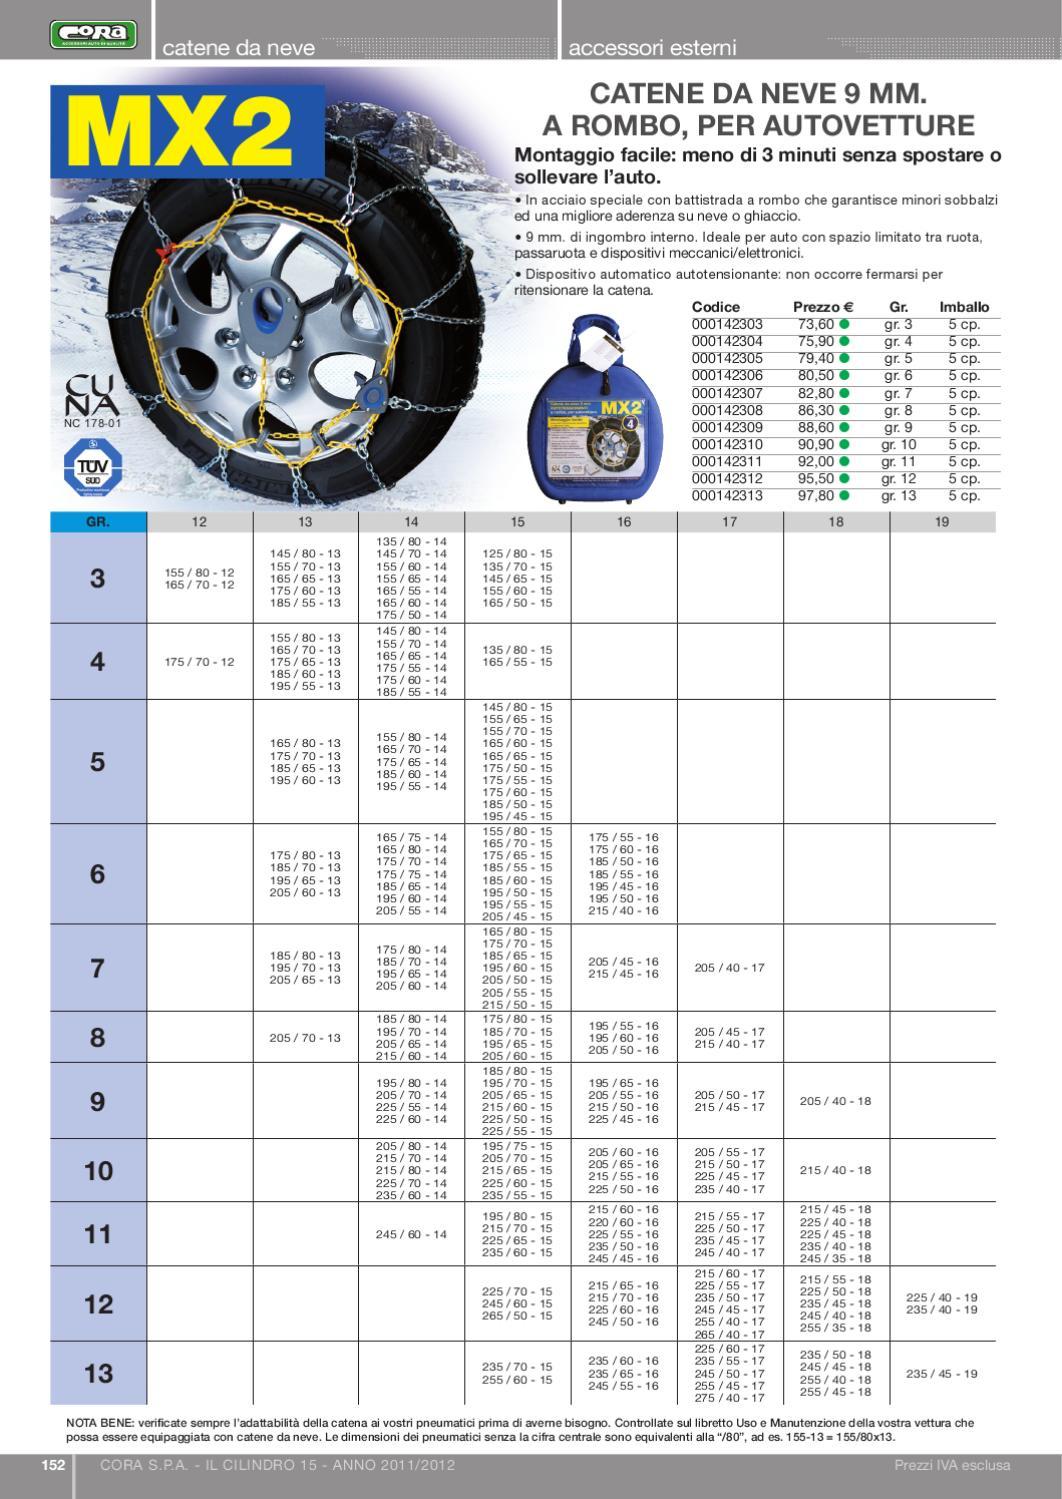 Gruppo 9,5-215//55-16 Catene da Neve per Auto a rombo da 7 MM